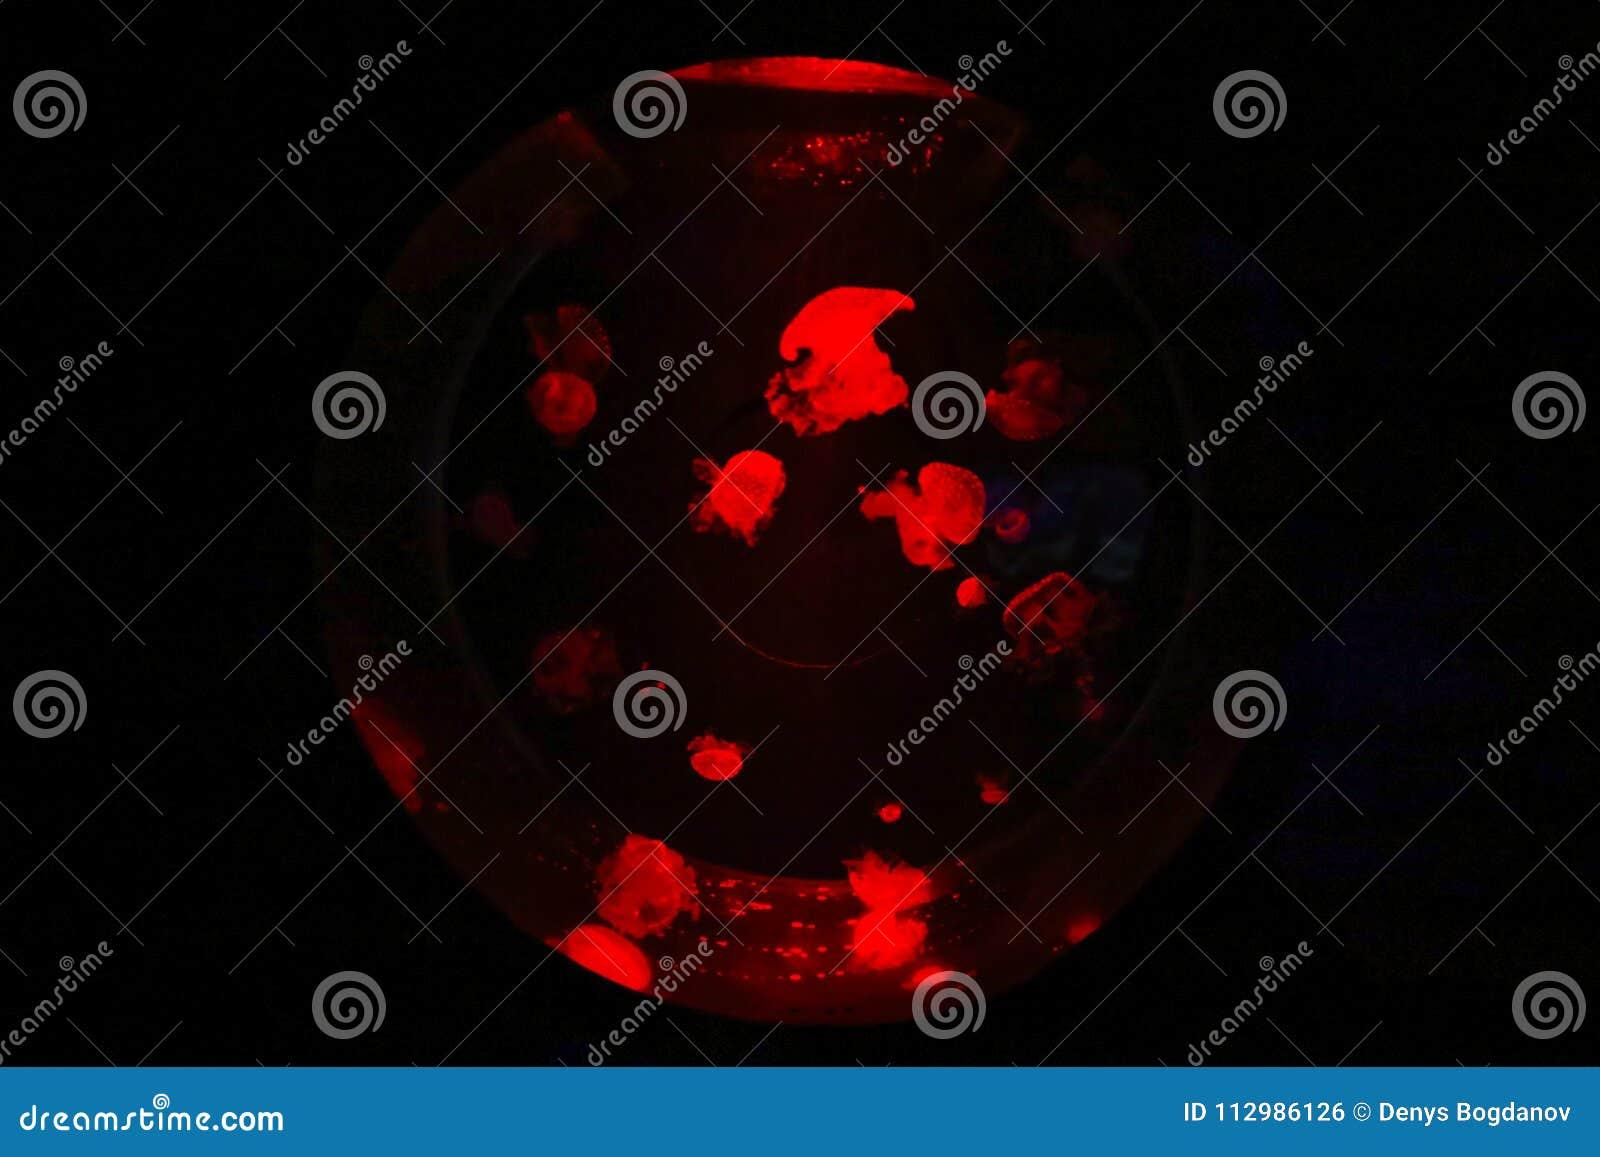 Amazing red jelly fish in a national aquarium of Malta in a round aquarium